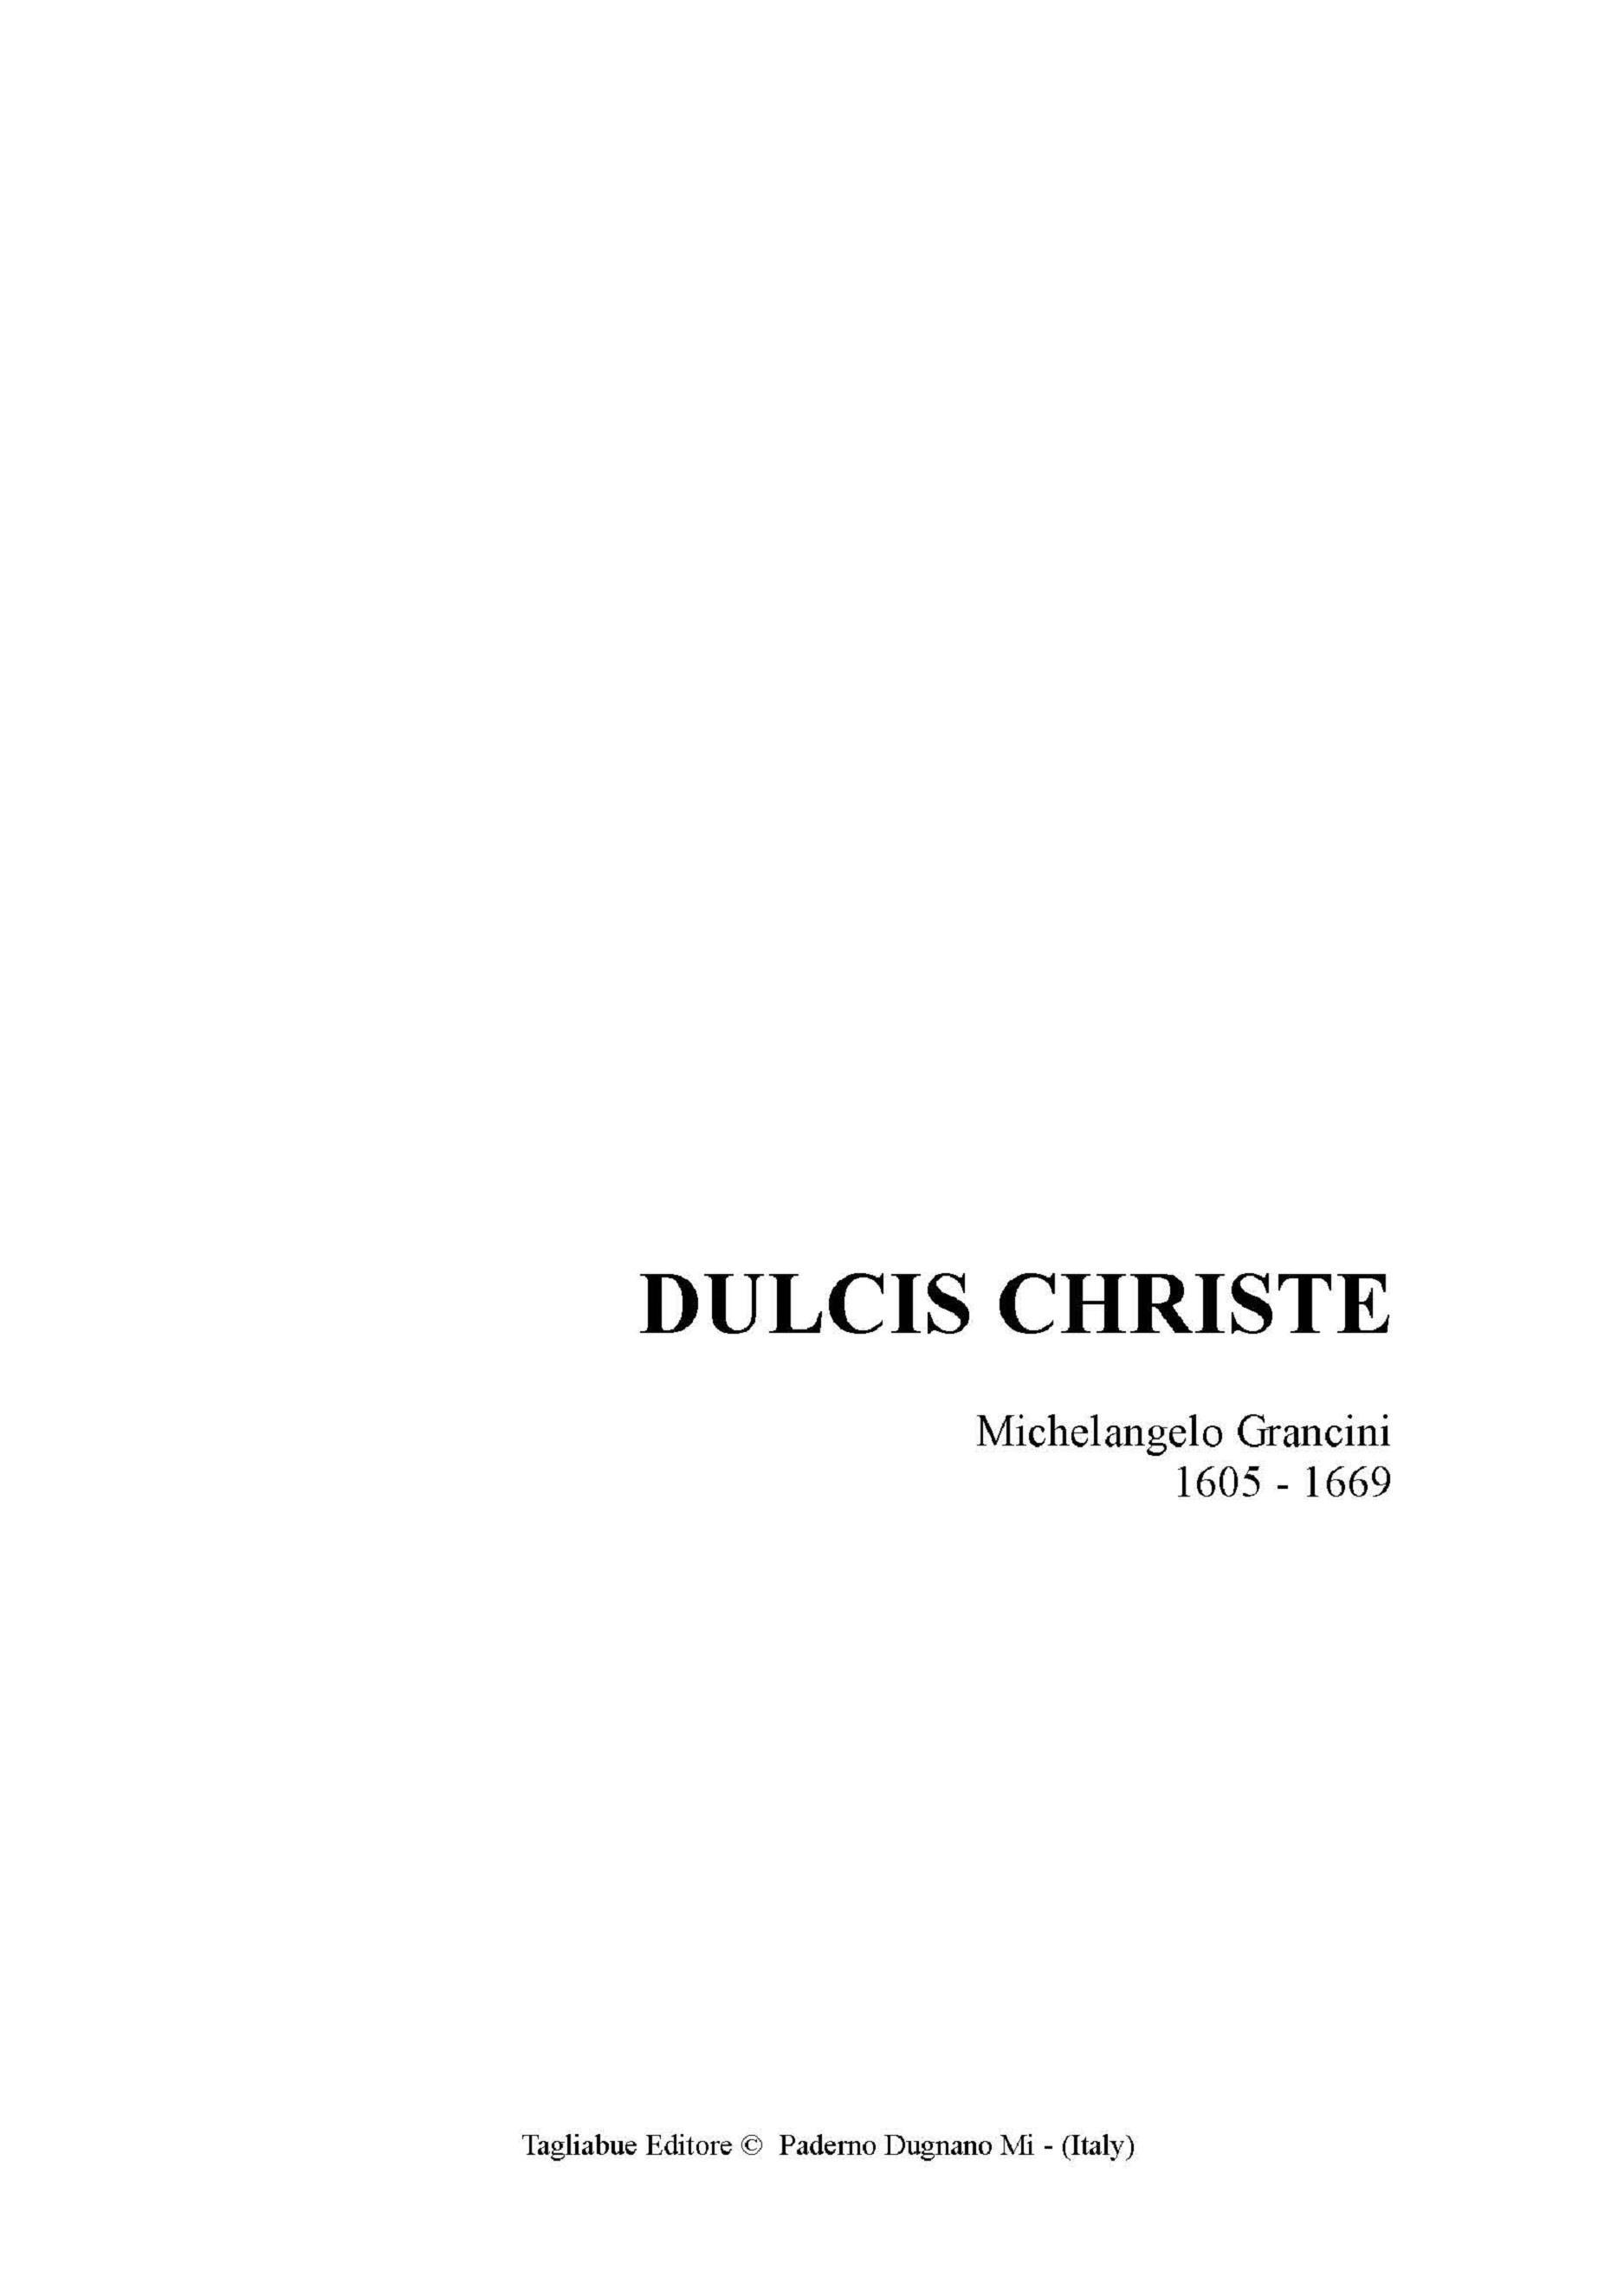 DULCIS CHRISTE - Grancini M. - For SA Choir (or Soli) and Organ